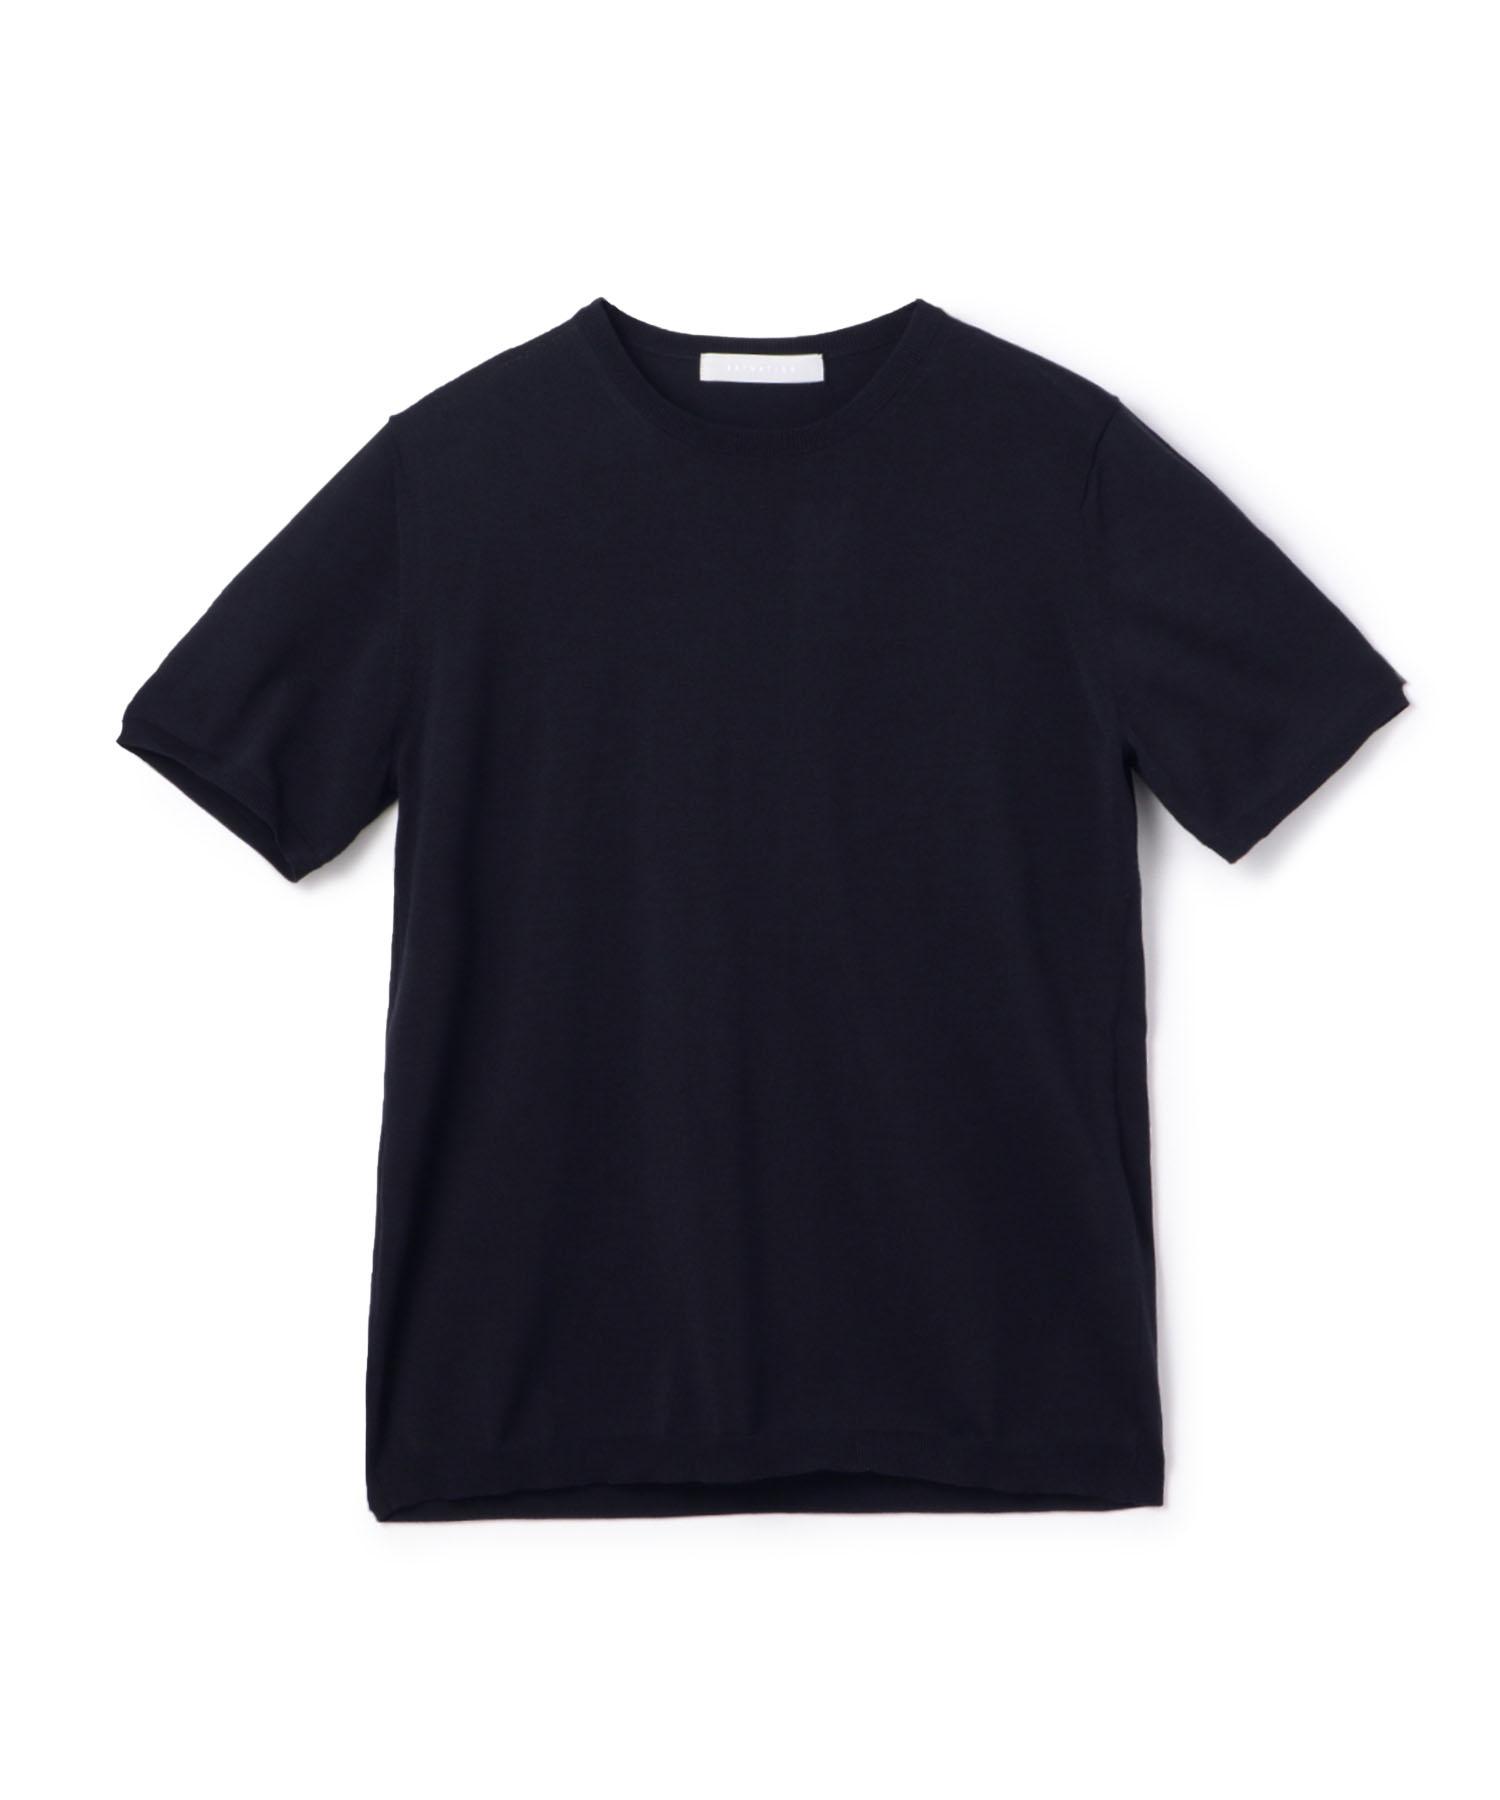 ESTNATION / ウォッシャブルニットTシャツ